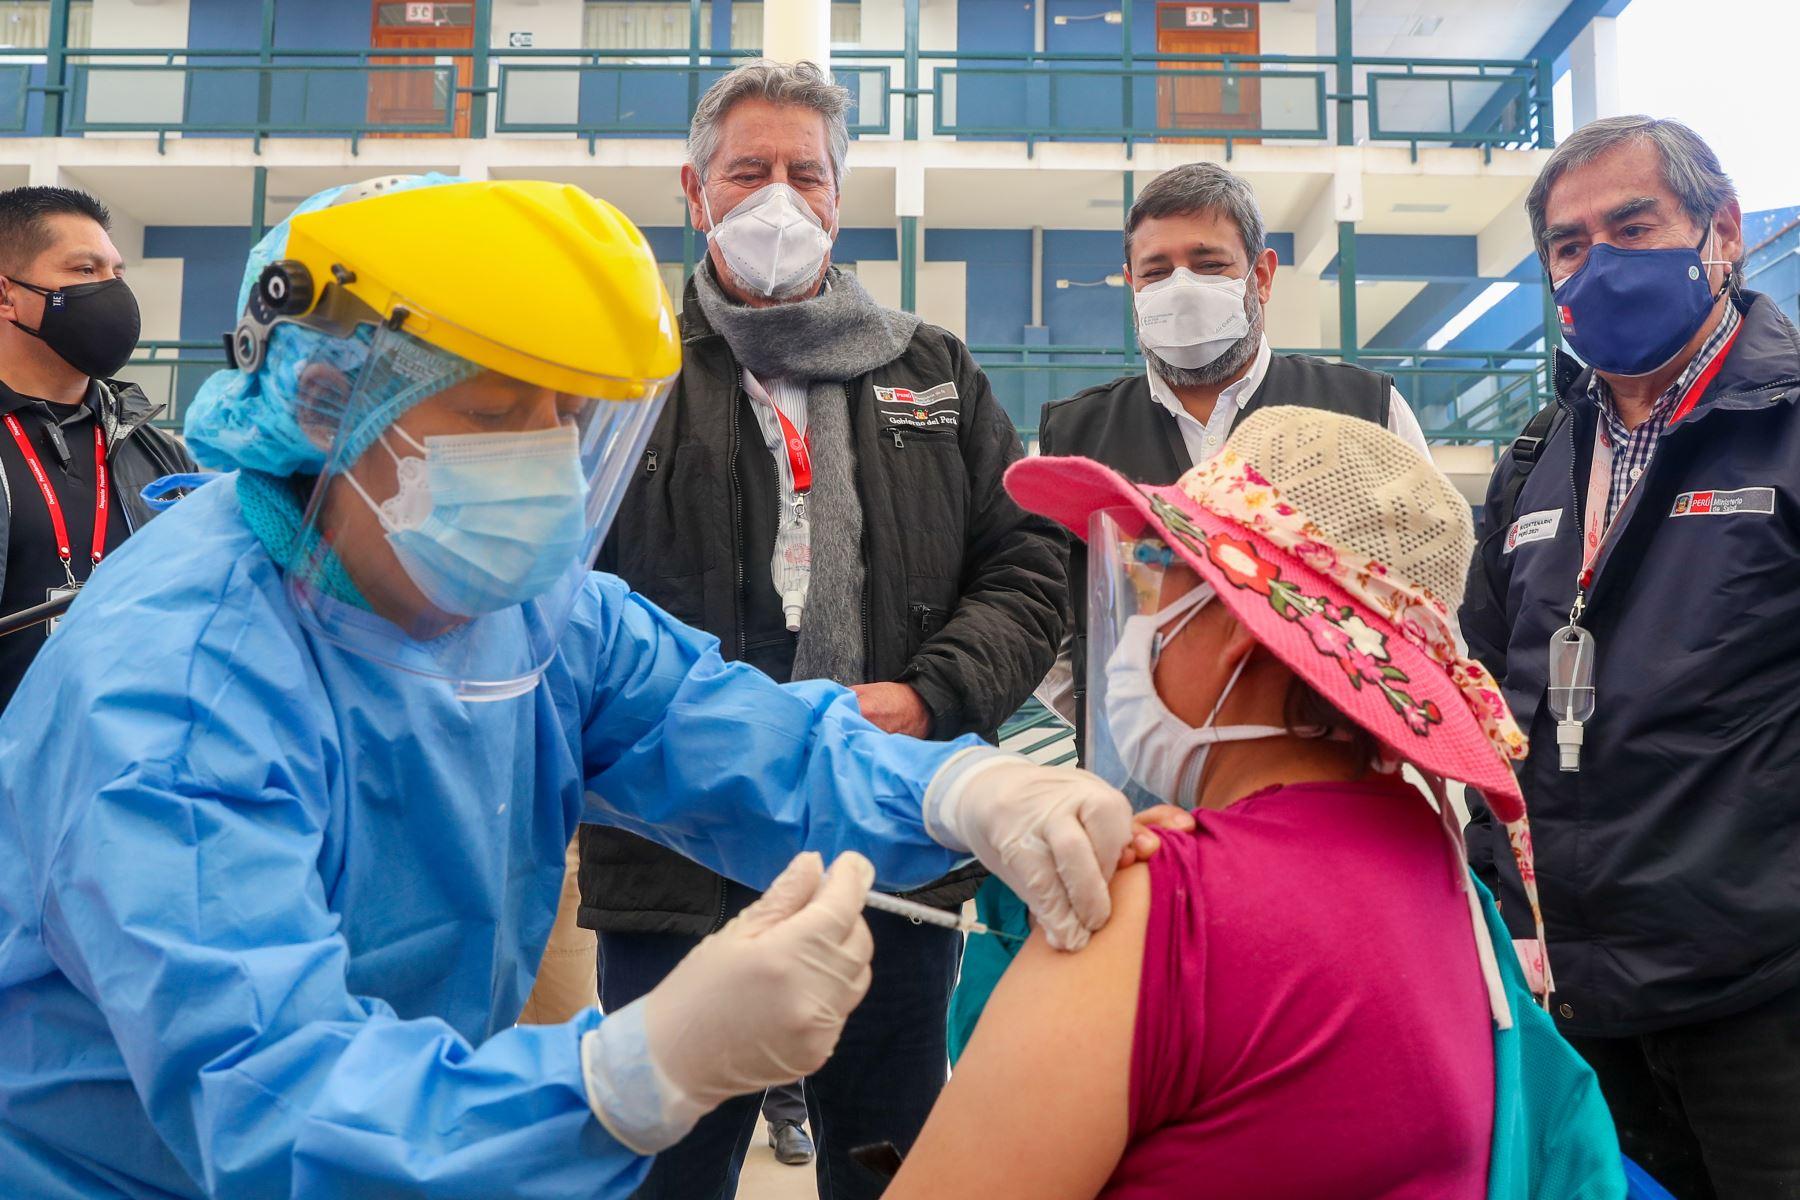 El presidente Francisco Sagasti supervisa la vacunación de docentes de zonas rurales en el colegio Mariscal Cáceres de Huamanga, Ayacucho. Foto: Presidencia